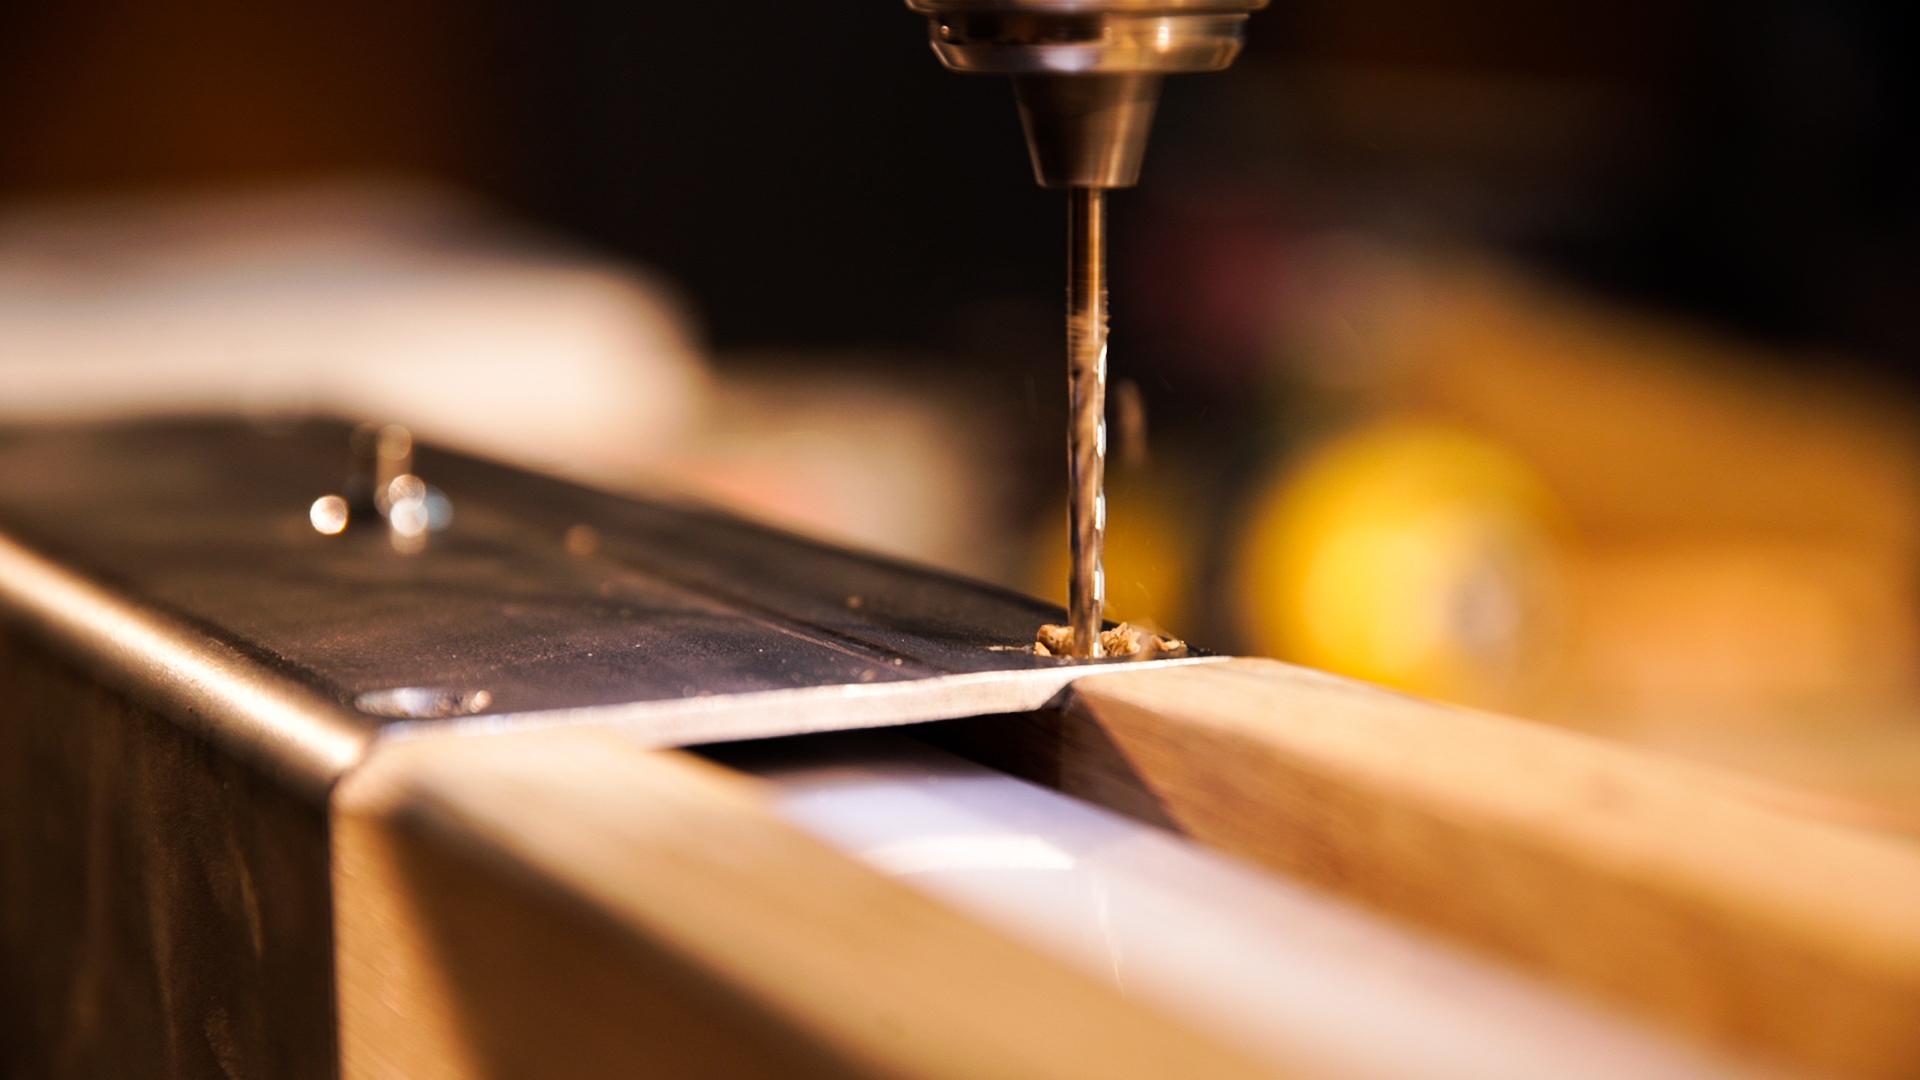 Rohstahl - Für unserer Untergestelle verwenden wir Rohstahl, eine Art von Stahl, welche bei 1200 Grad Celsius gewalzt wird. Aufgrund der hohen Temperaturen bei der Verarbeitung bildet sich eine dunkle Zunderschicht auf dem Material, weshalb Rohstahl auch unter dem Namen schwarzer Stahl bekannt ist. Er zeichnet sich besonders durch seinen robusten Look aus, welcher im Verarbeitungsprozess zustande kommt. Kleine Kratzer und Unregelmäßigkeiten gehören zur Optik von Rohstahl. Durch das Abschleifen von Schweißnähten erhält Rohstahl die typischen helleren Stellen auf der Oberfläche. Bei der Zaponlack Beschichtung wird die Oberfläche so belassen und transparenter Lack schützt den Stahl vor Rost.